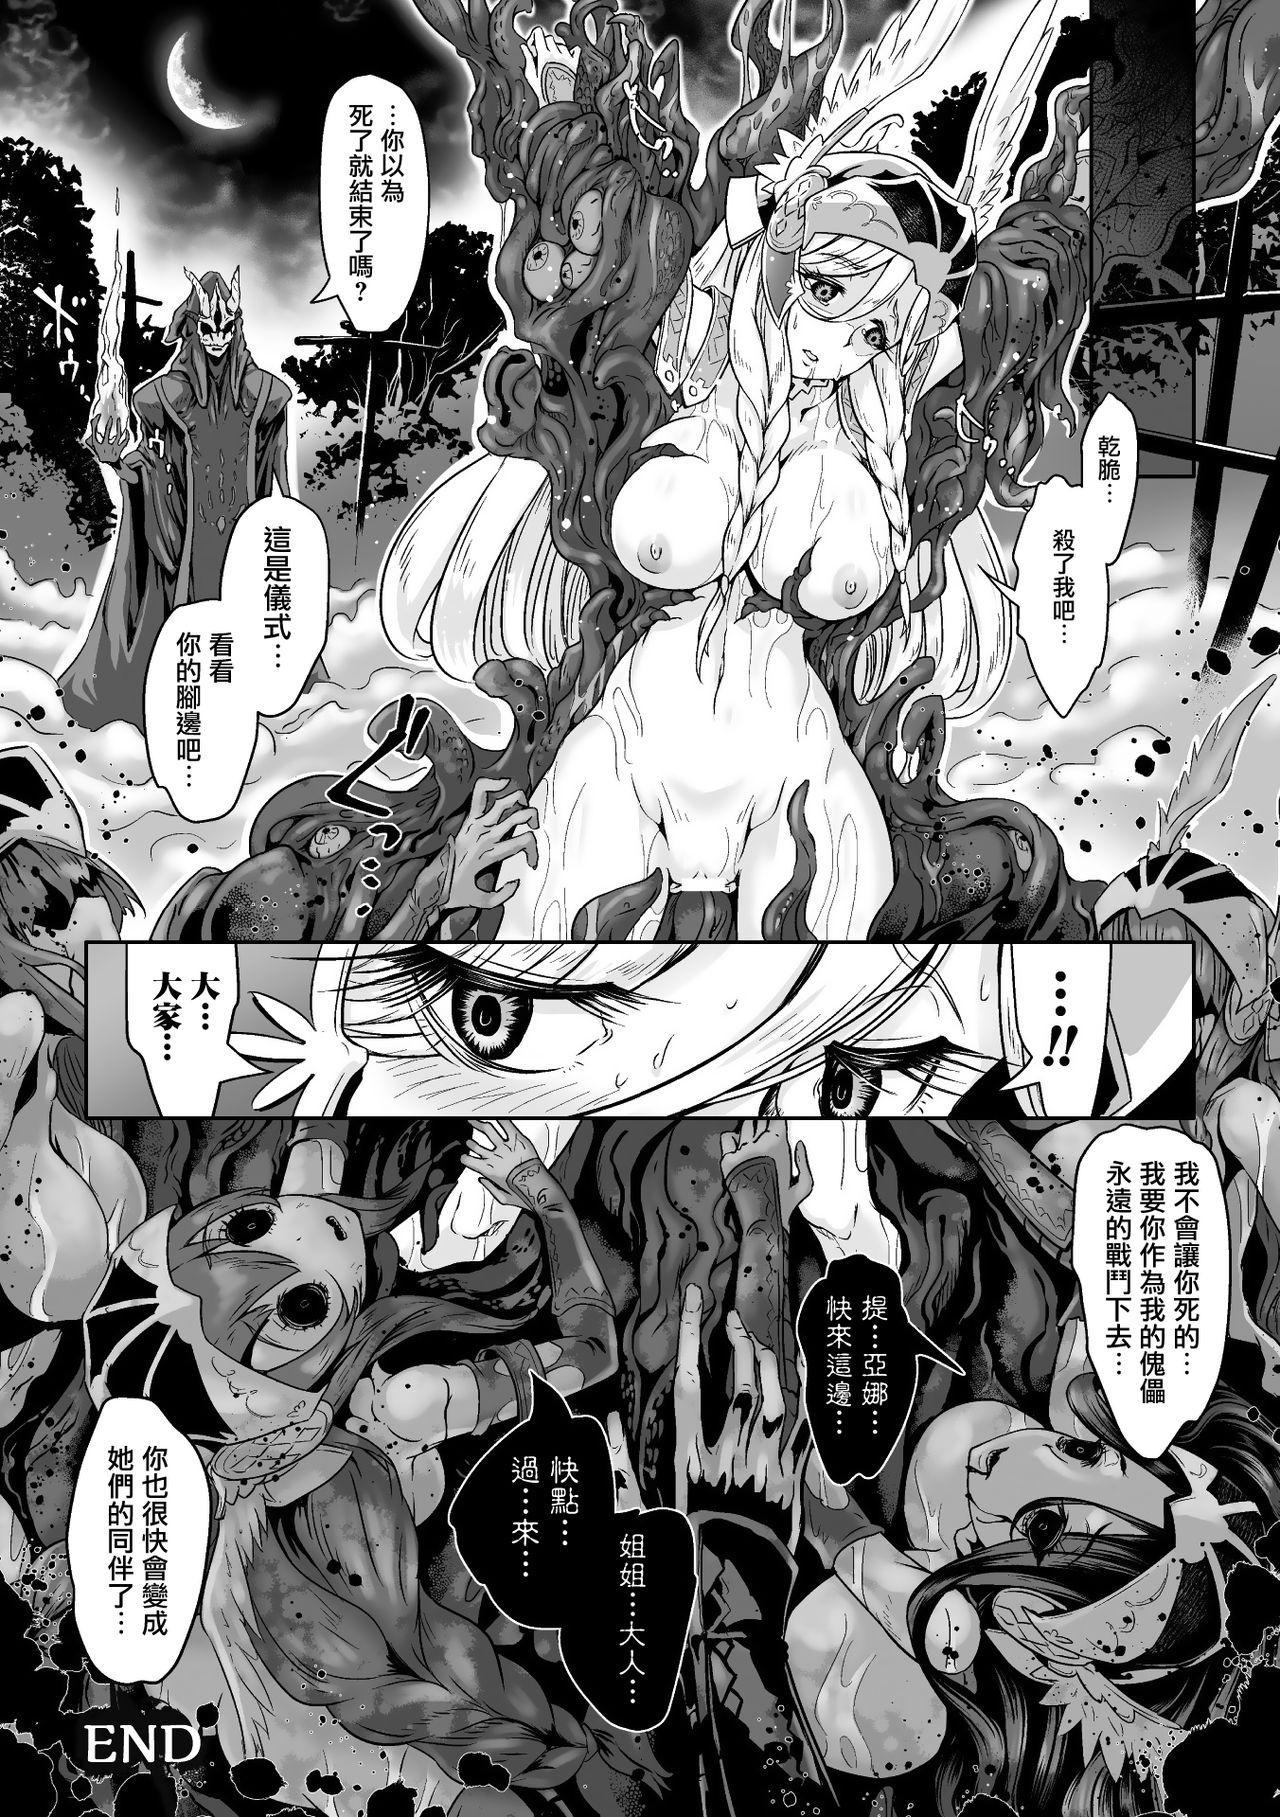 Senjyou no ginkarasu shiruvaroona 18